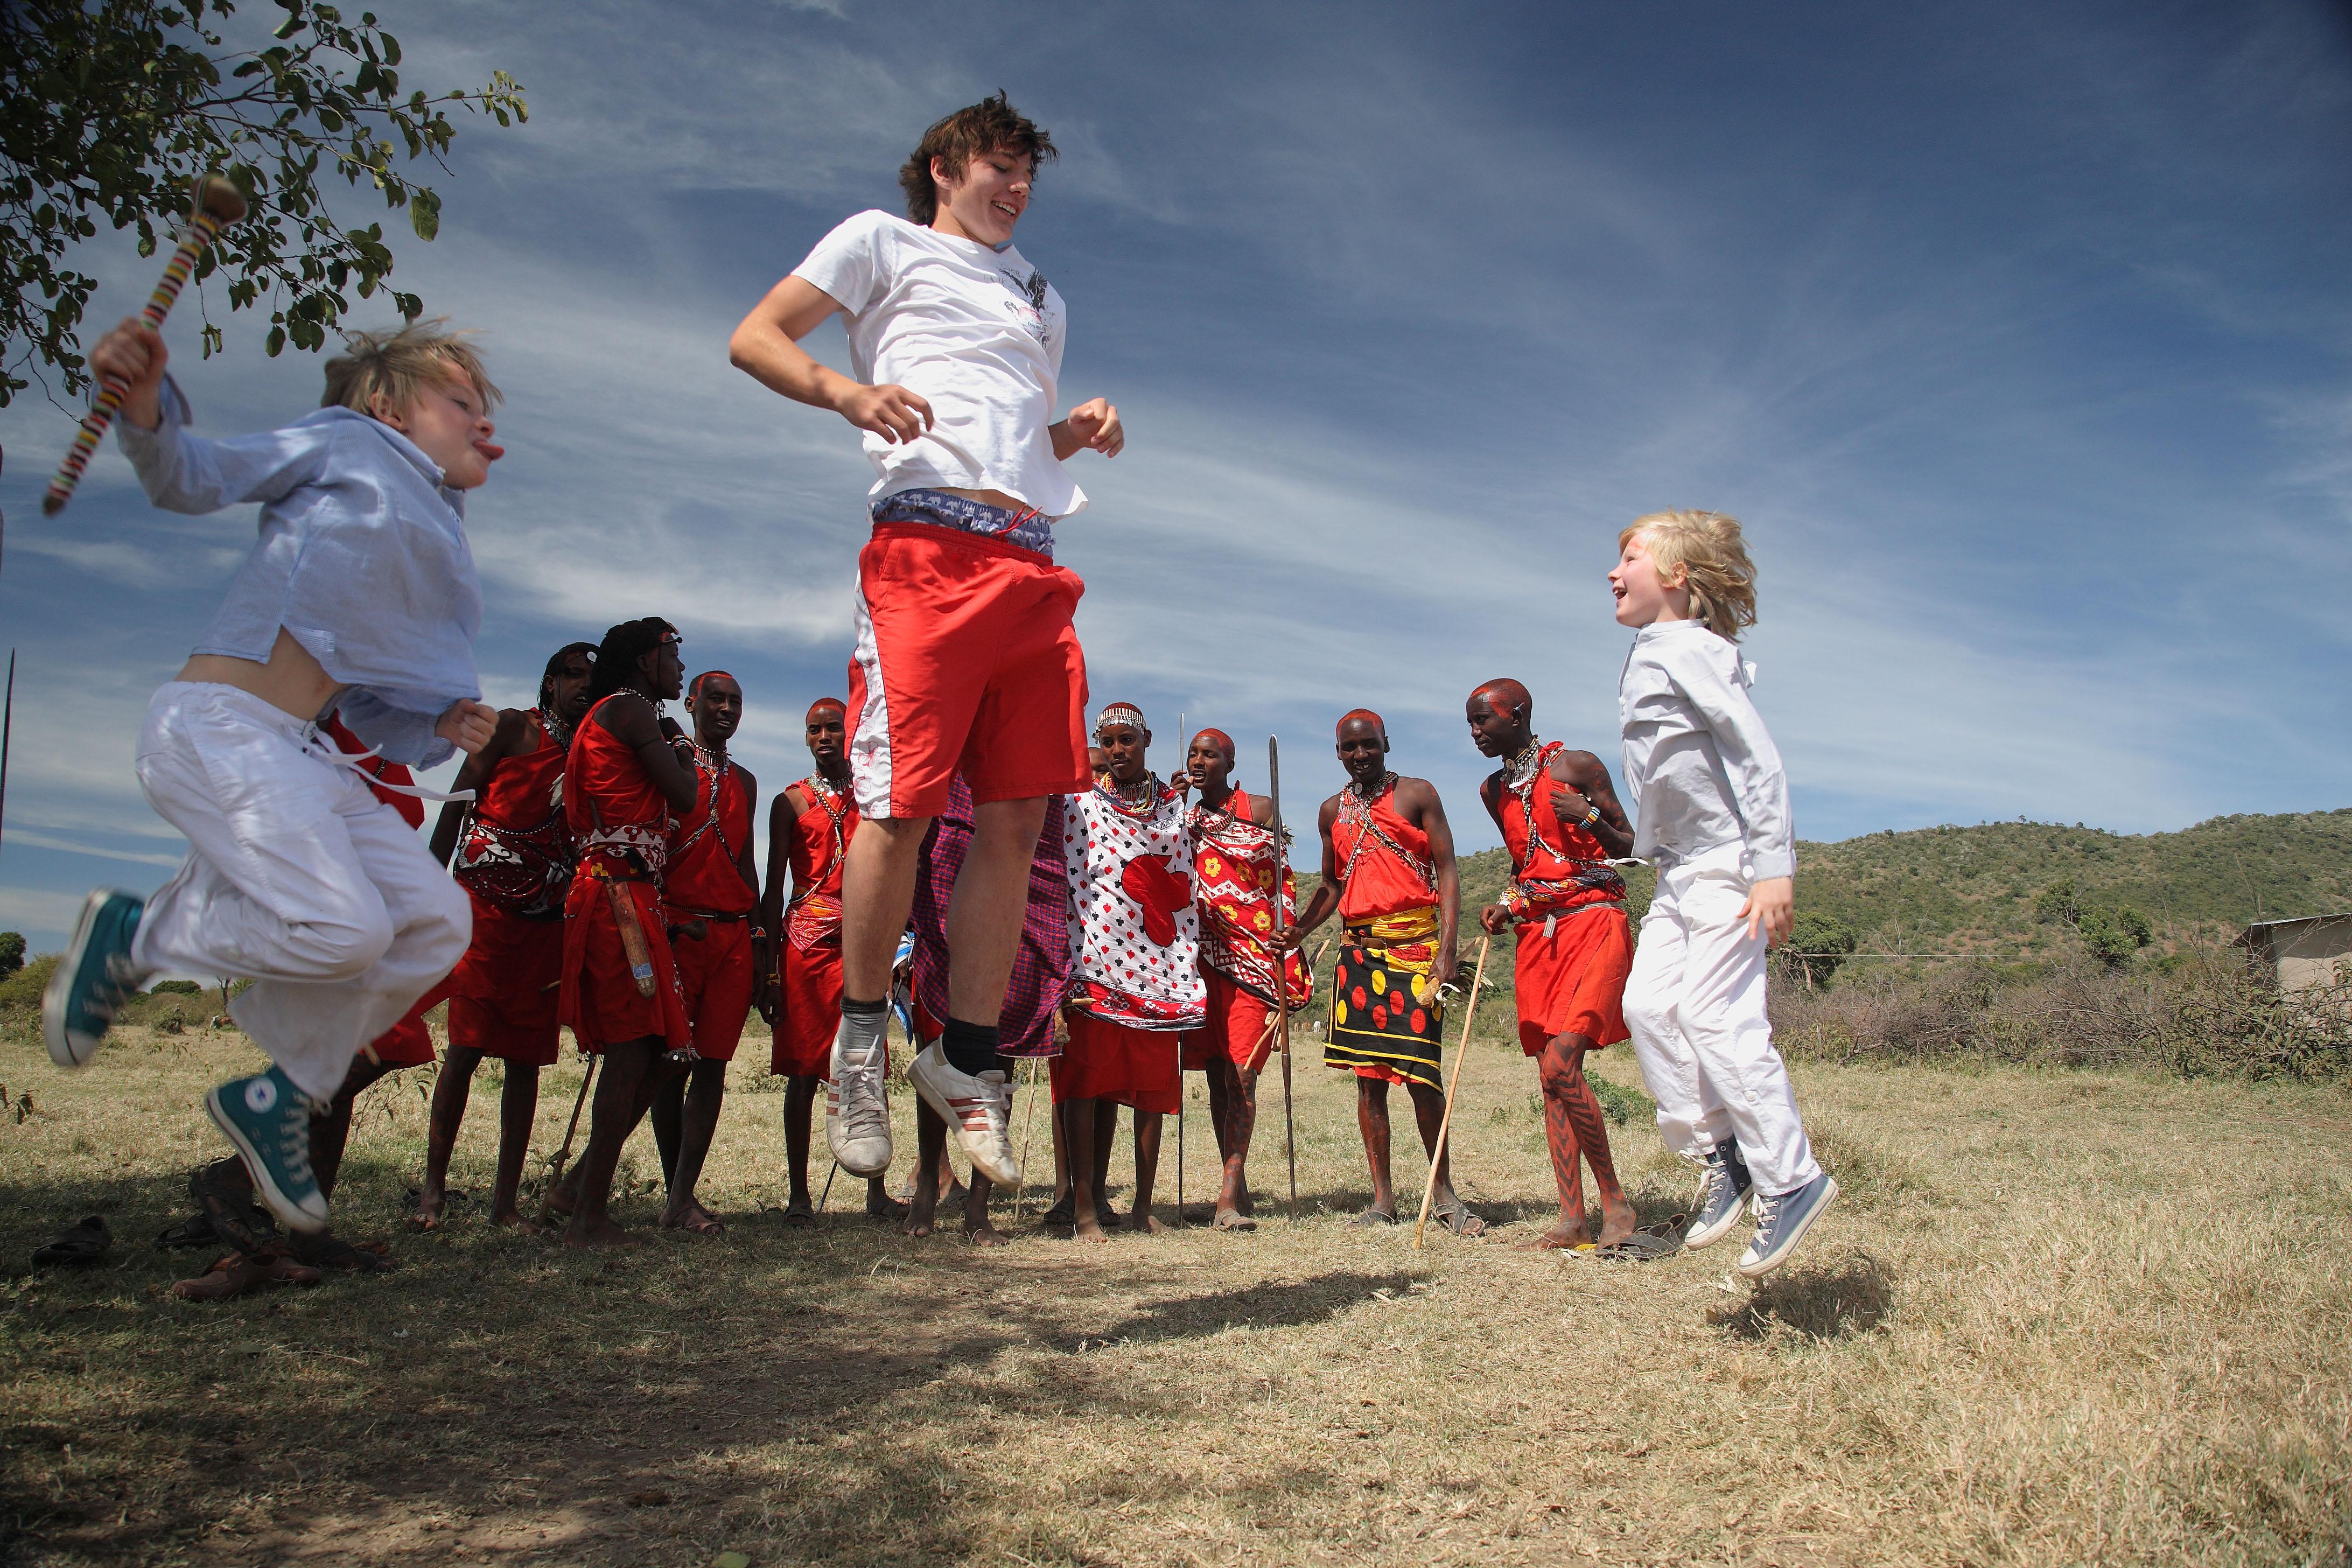 Jumping with the Maasai (1)